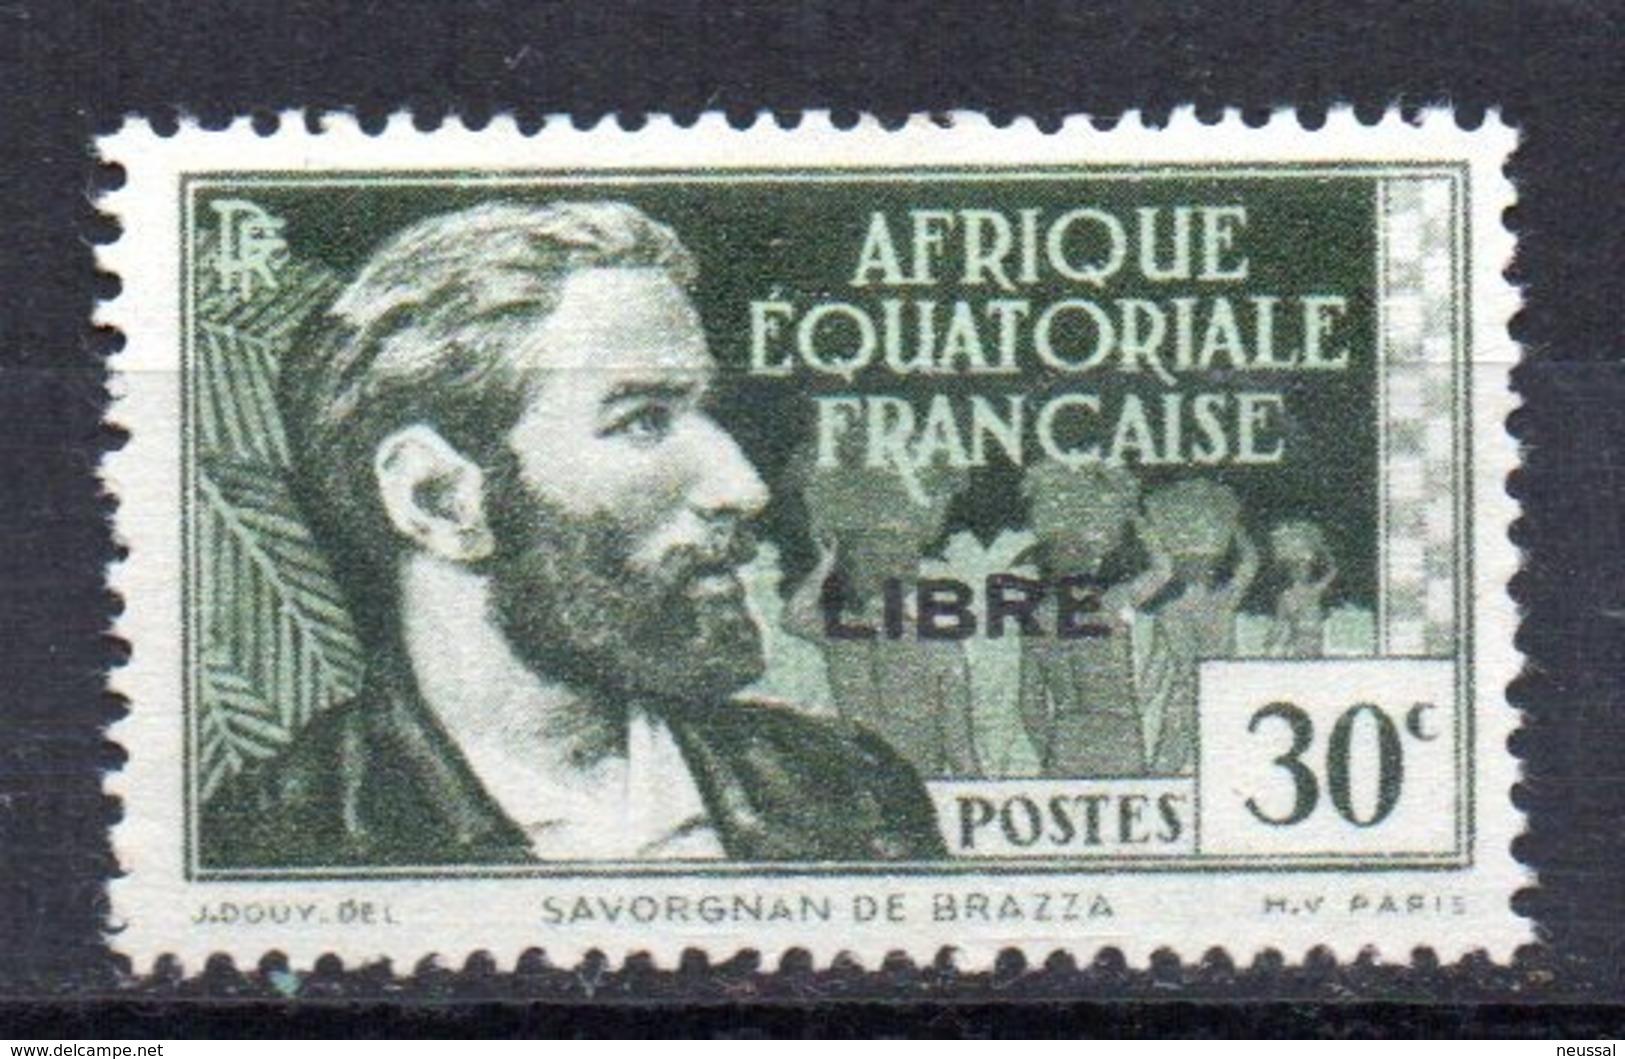 Sello Nº 128 Africa Ecuatorial Francesa.- - Nuevos